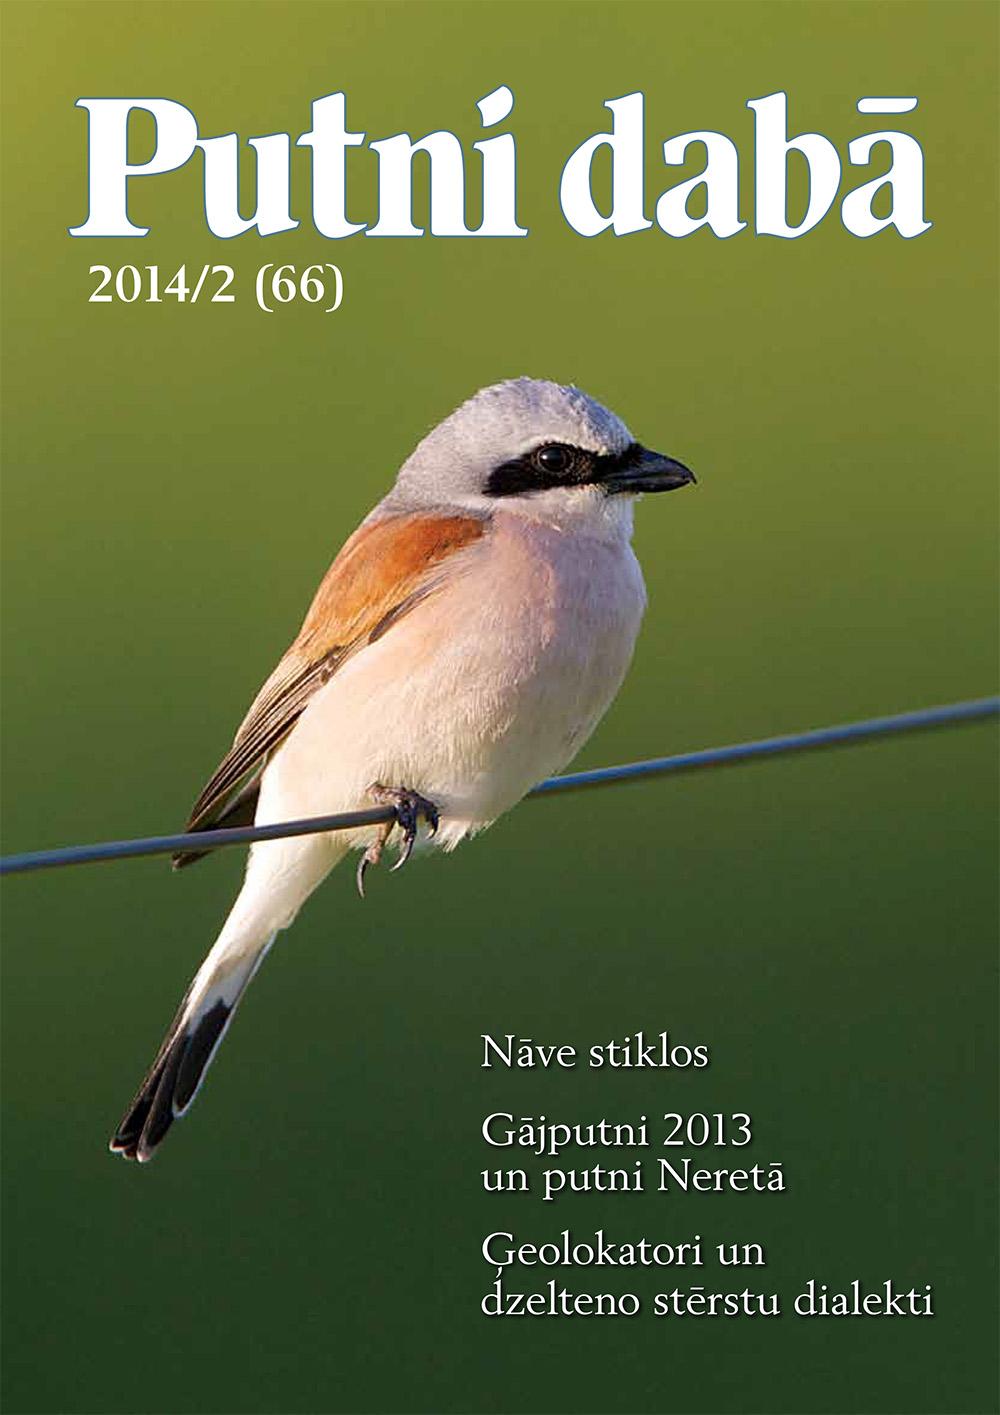 Putni dabā 66 (2014/2)